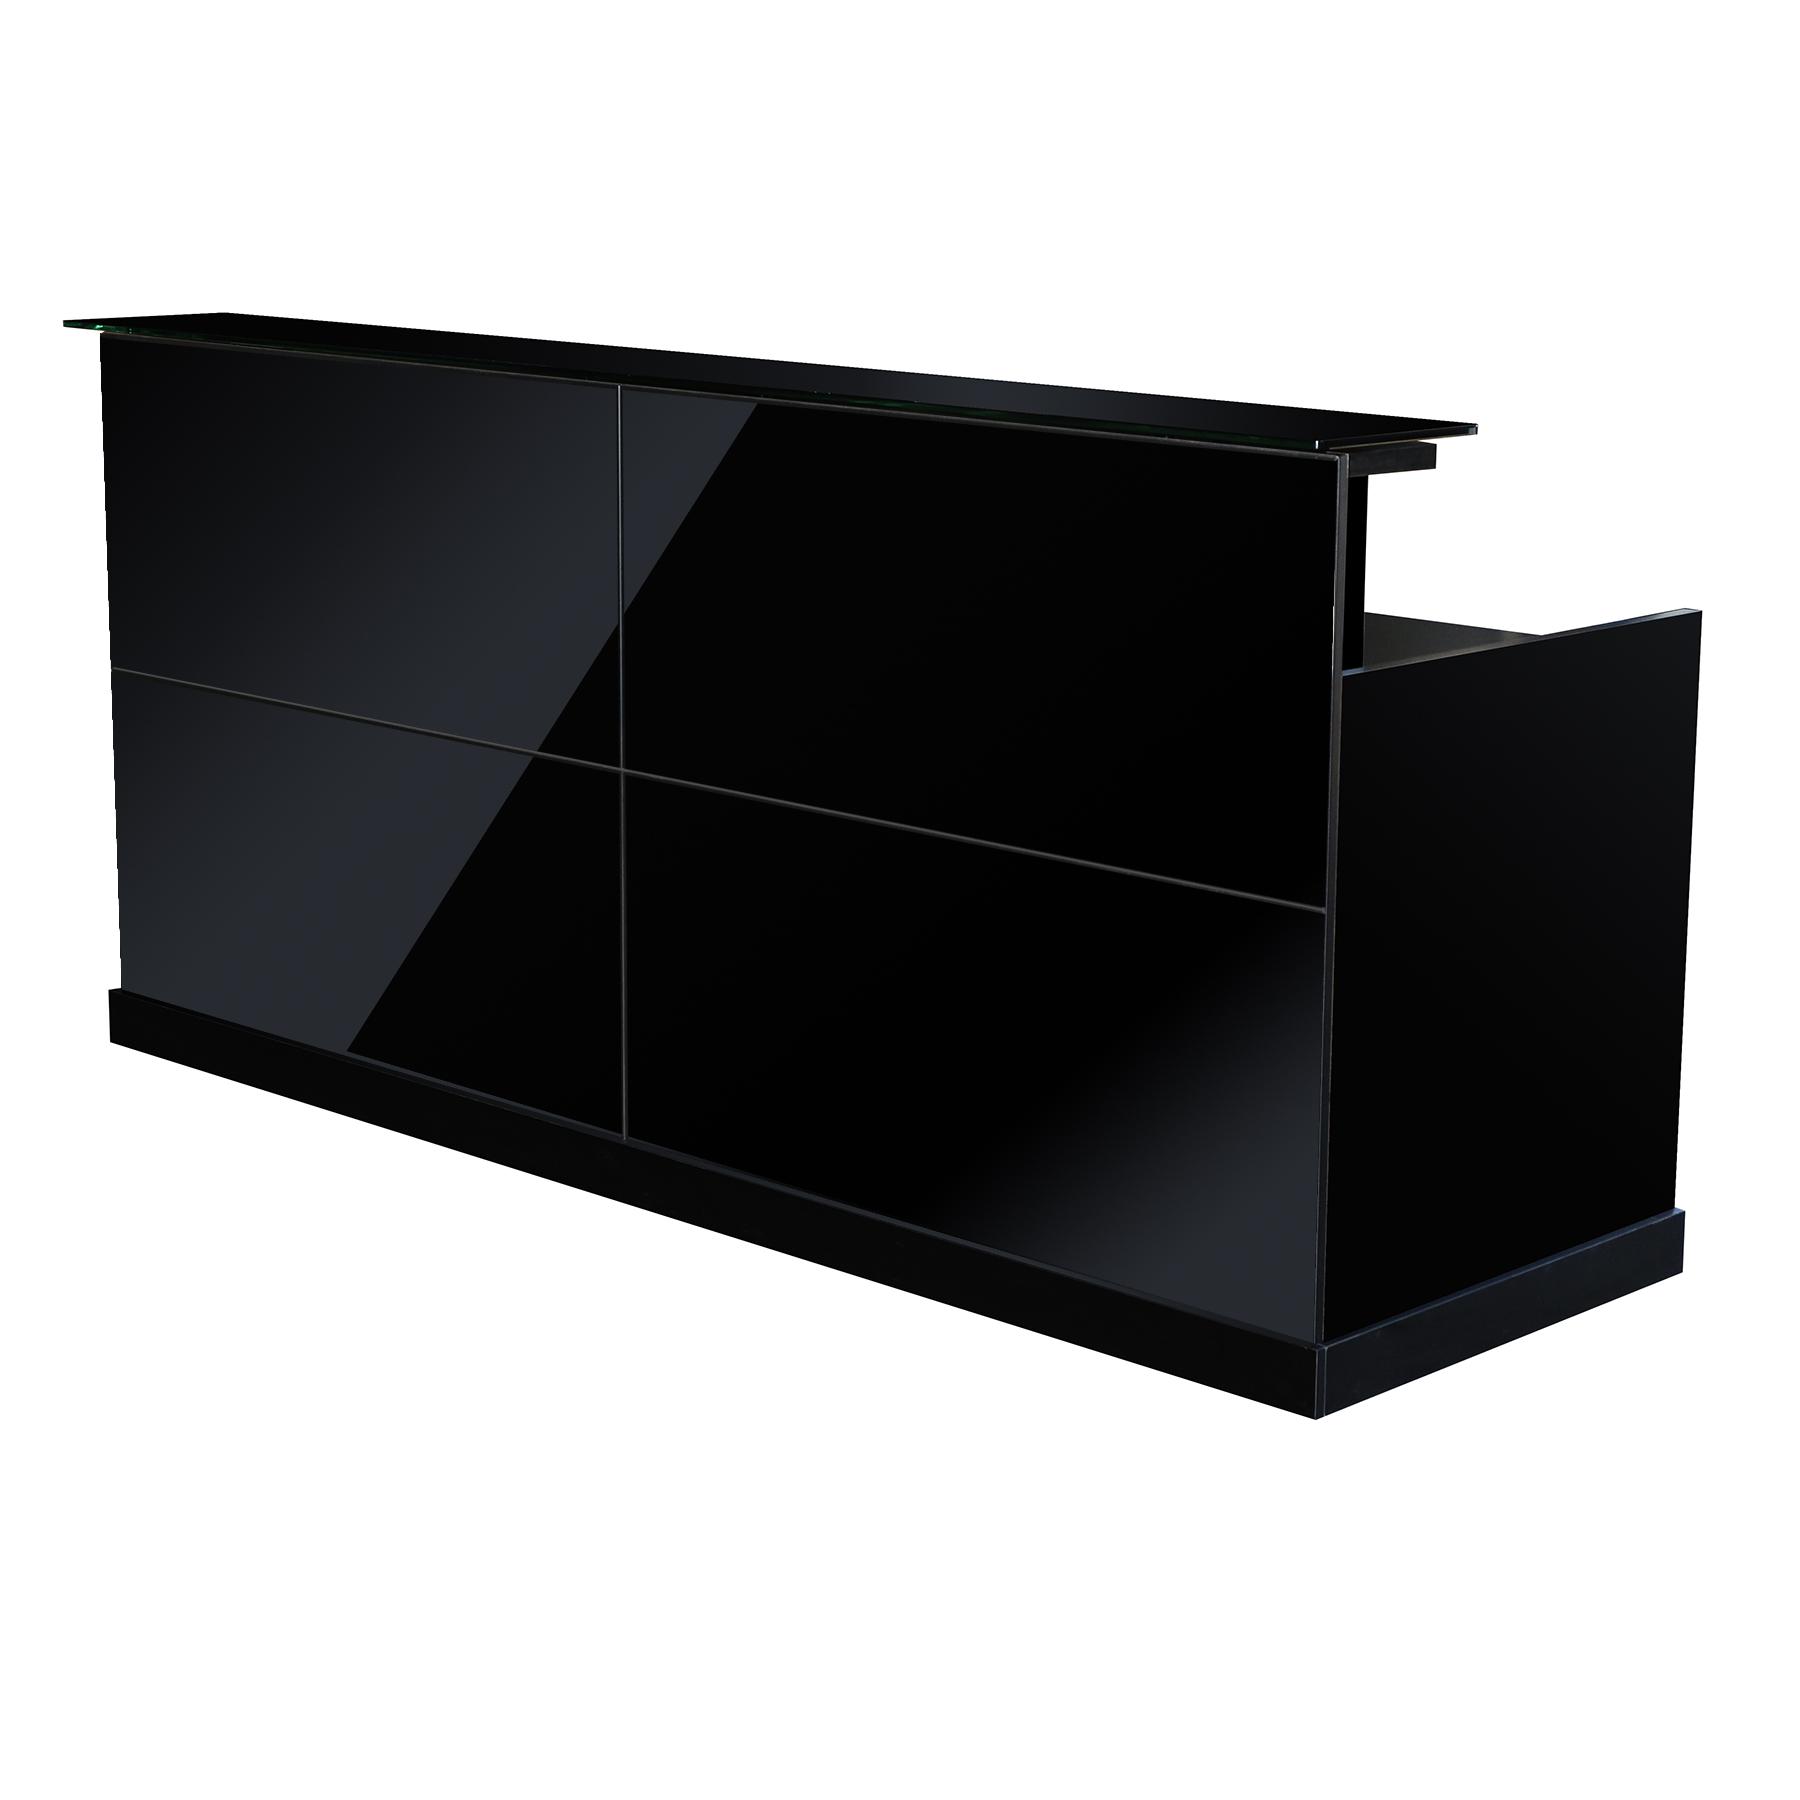 b rom bel theke empfang empfangstheke z rs b roausstattung schwarz von jet line ebay. Black Bedroom Furniture Sets. Home Design Ideas